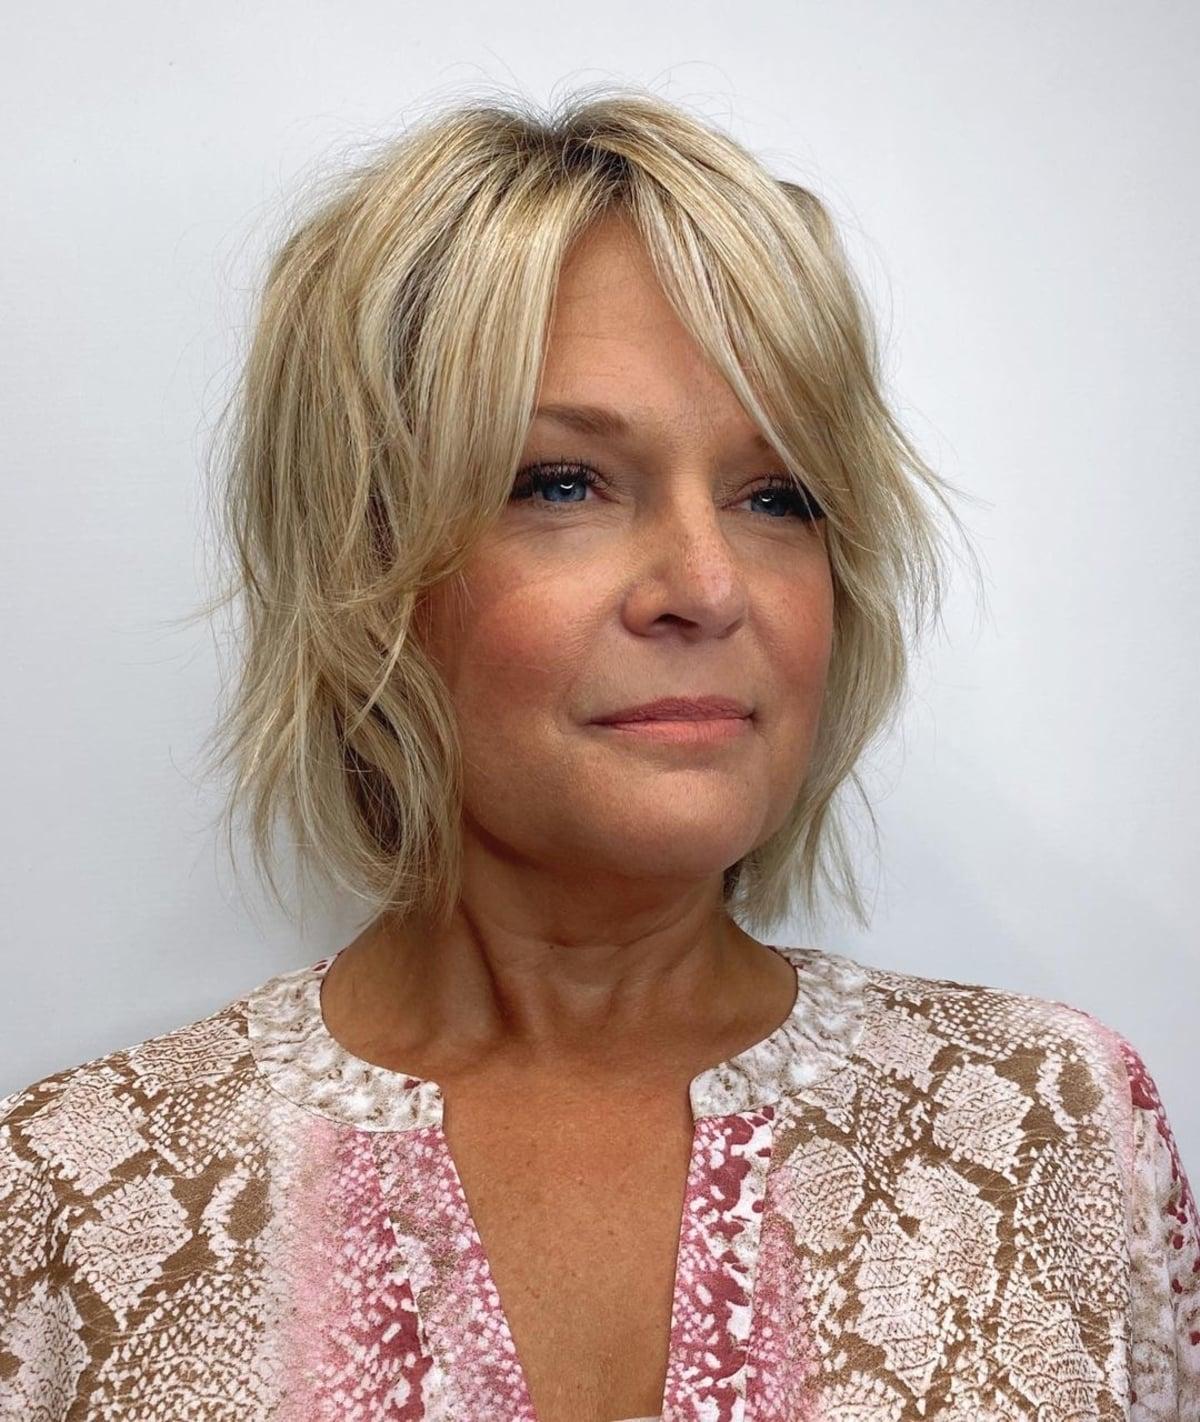 Une coiffure flatteuse pour les femmes de plus de 50 ans